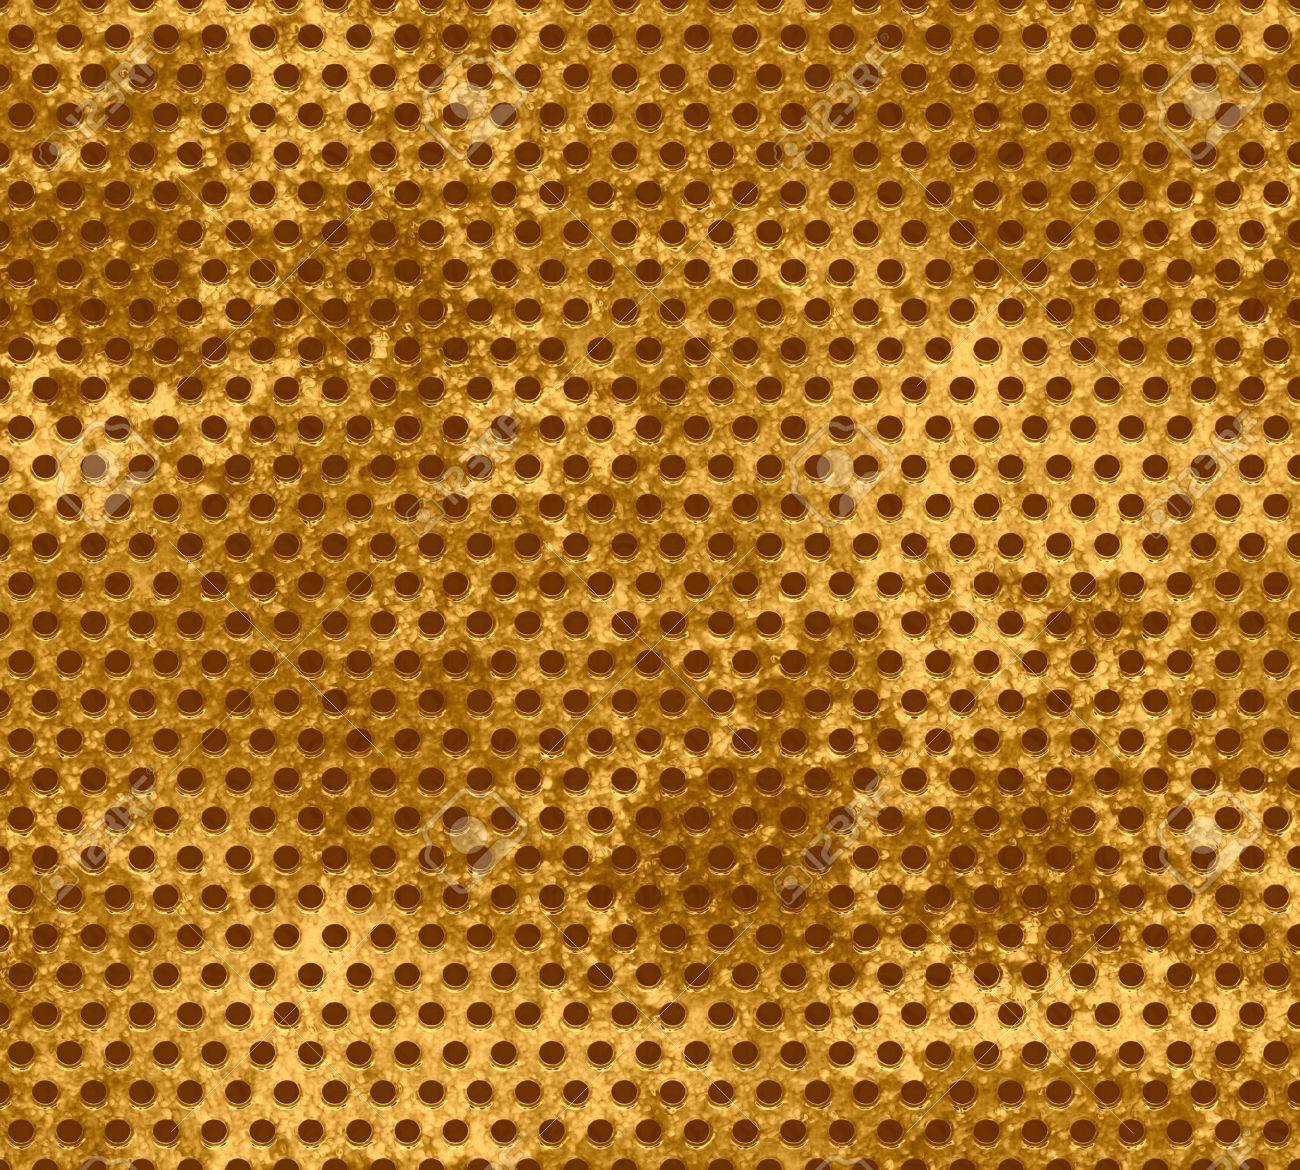 Grunge gold metal mesh background Stock Photo - 15851552